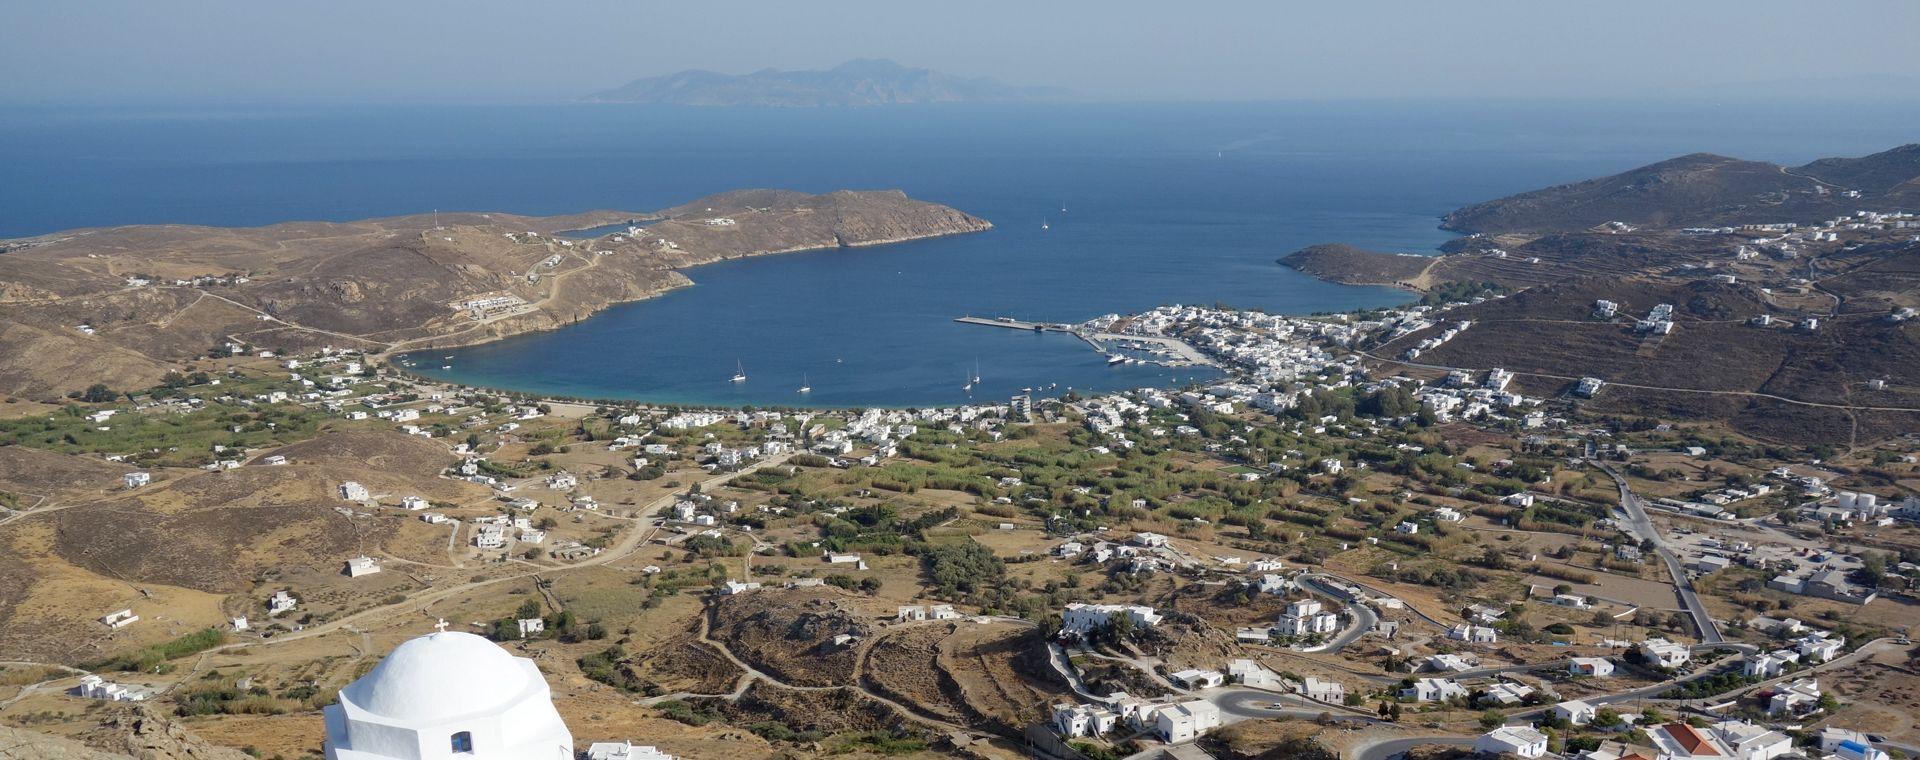 Image Les Cyclades : Sérifos, Sifnos et Milos